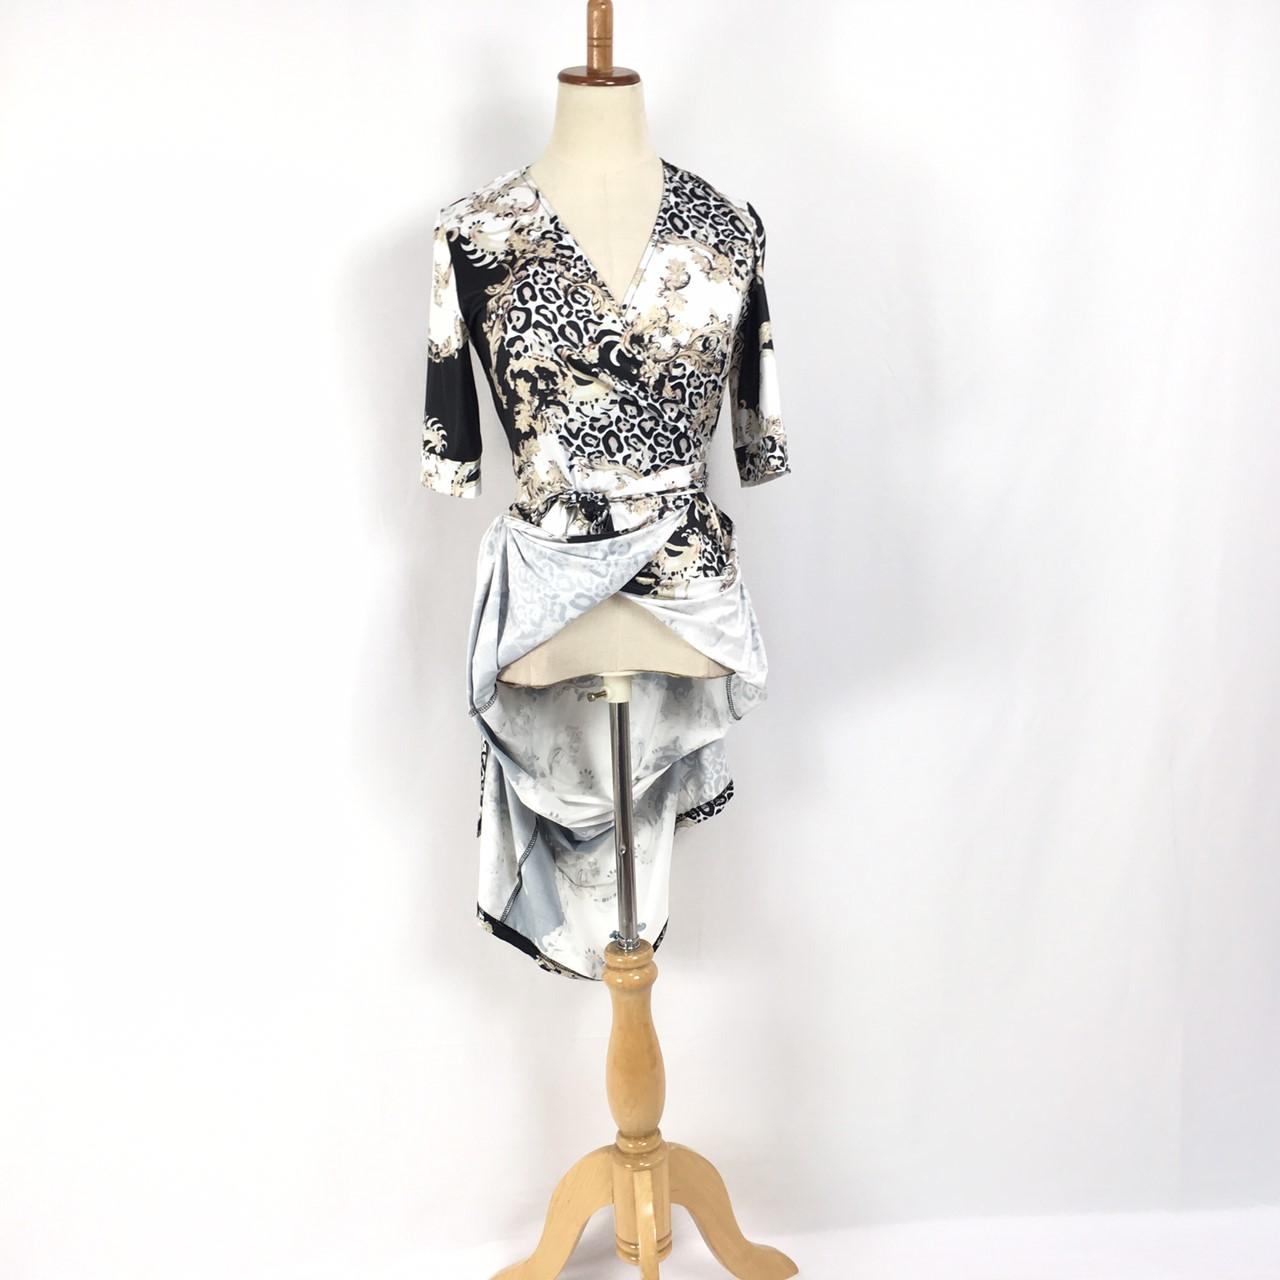 韓国 ファッション ワンピース パーティードレス ロング マキシ 夏 春 パーティー ブライダル PTXF019 結婚式 お呼ばれ カシュクール ハイショルダー ウエストマー 二次会 セレブ きれいめの写真18枚目